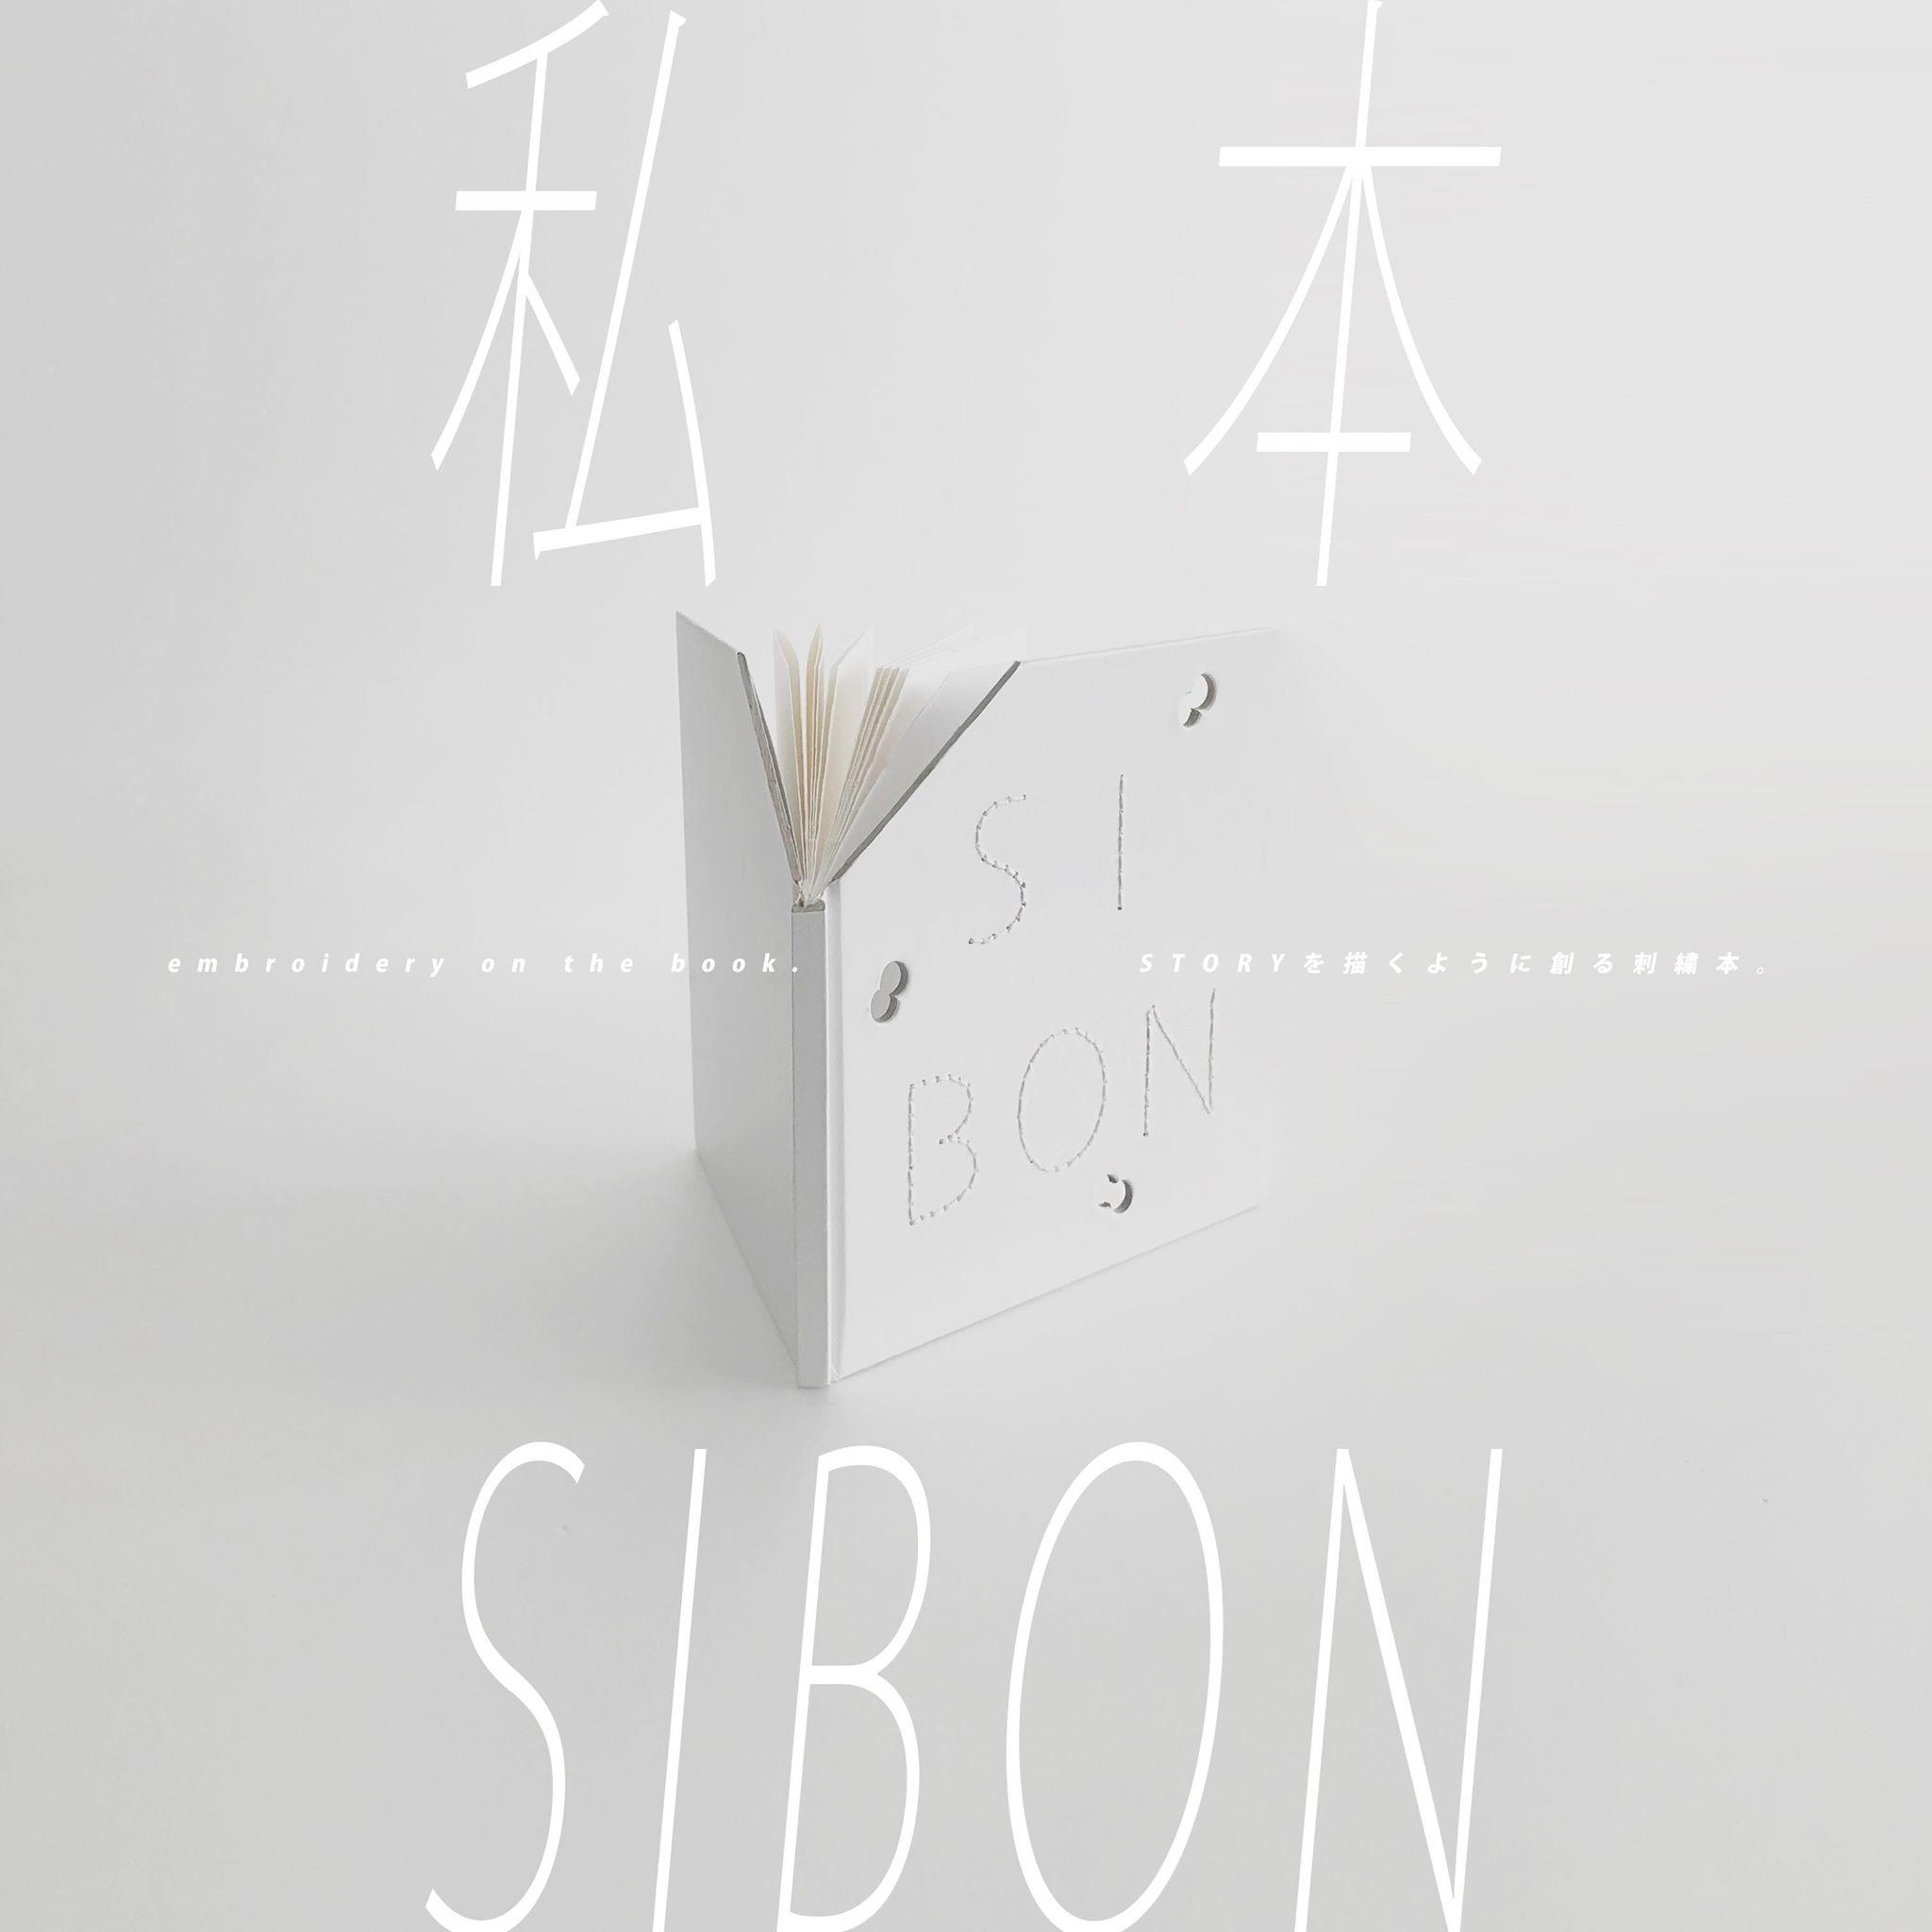 私本-SIBON-真っ白な本の表紙を刺繍で装丁してみましょう!@REPTICワークショップ